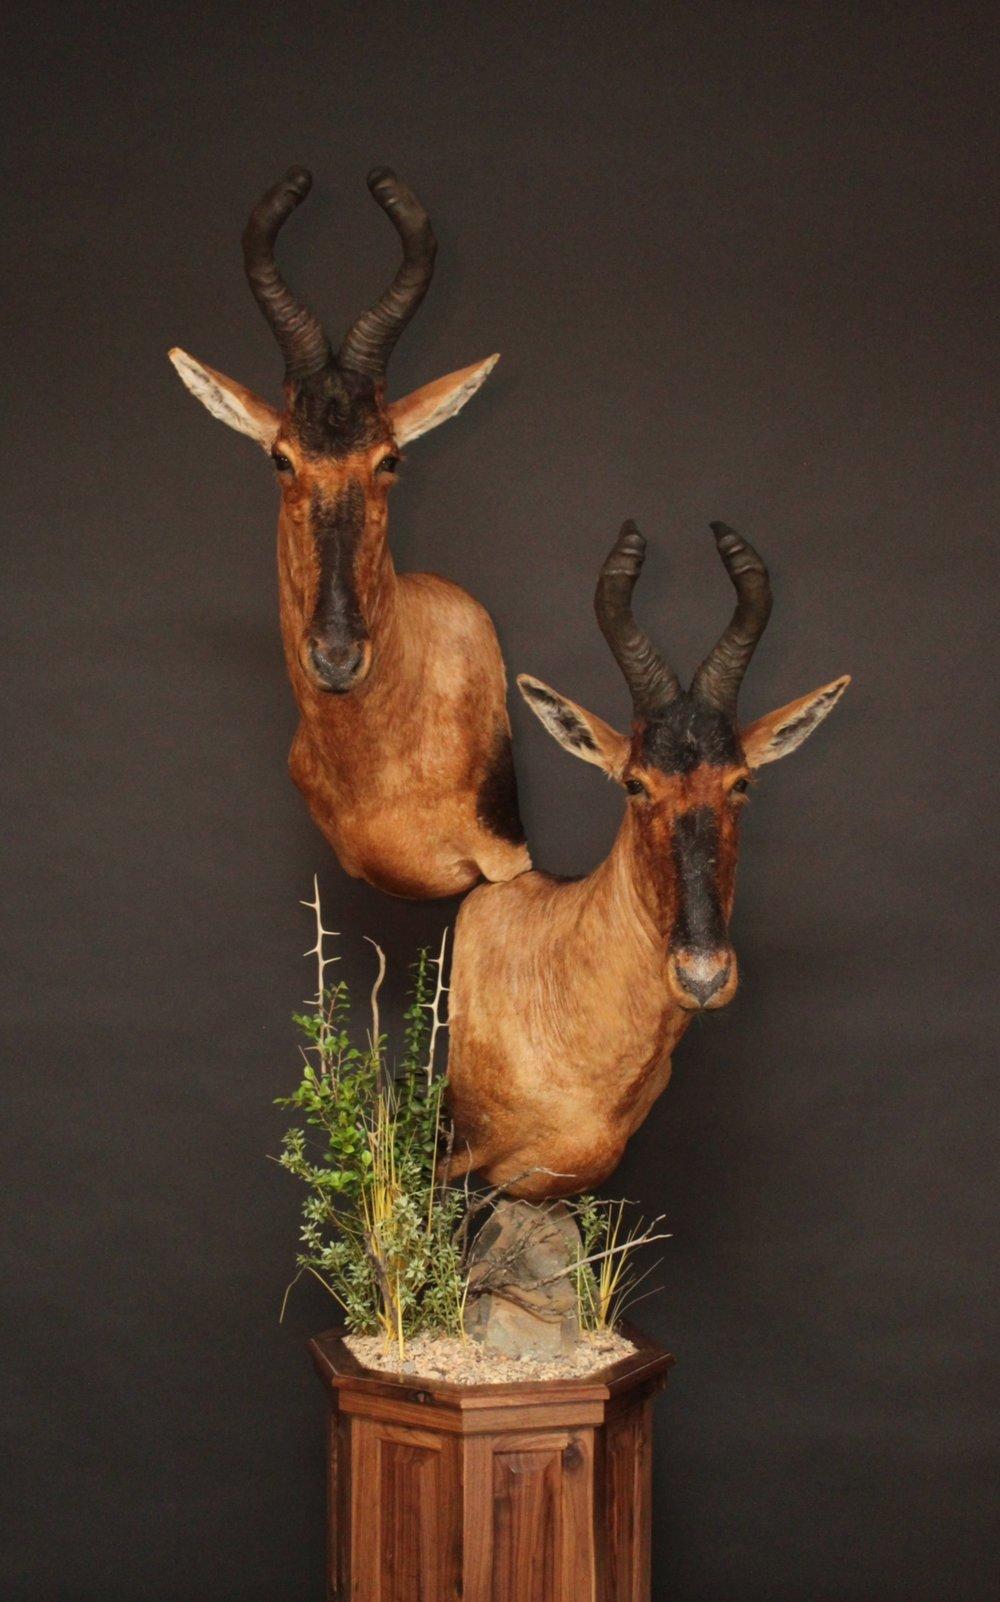 Double Pedestal on a walnut base  Hartebeest (1)